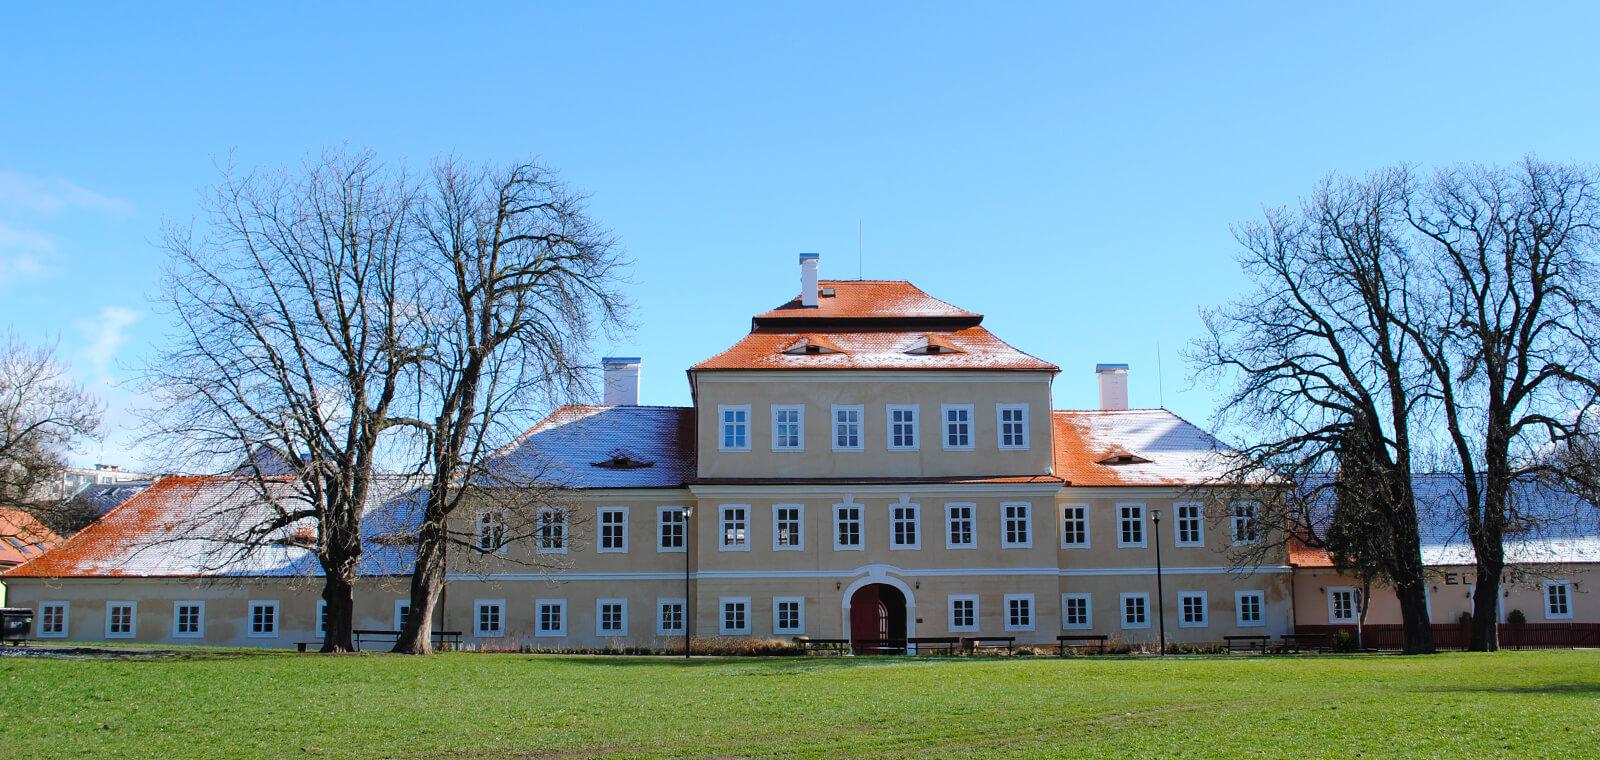 litvinov-zamek-valdstejnu-uvod-01.jpg